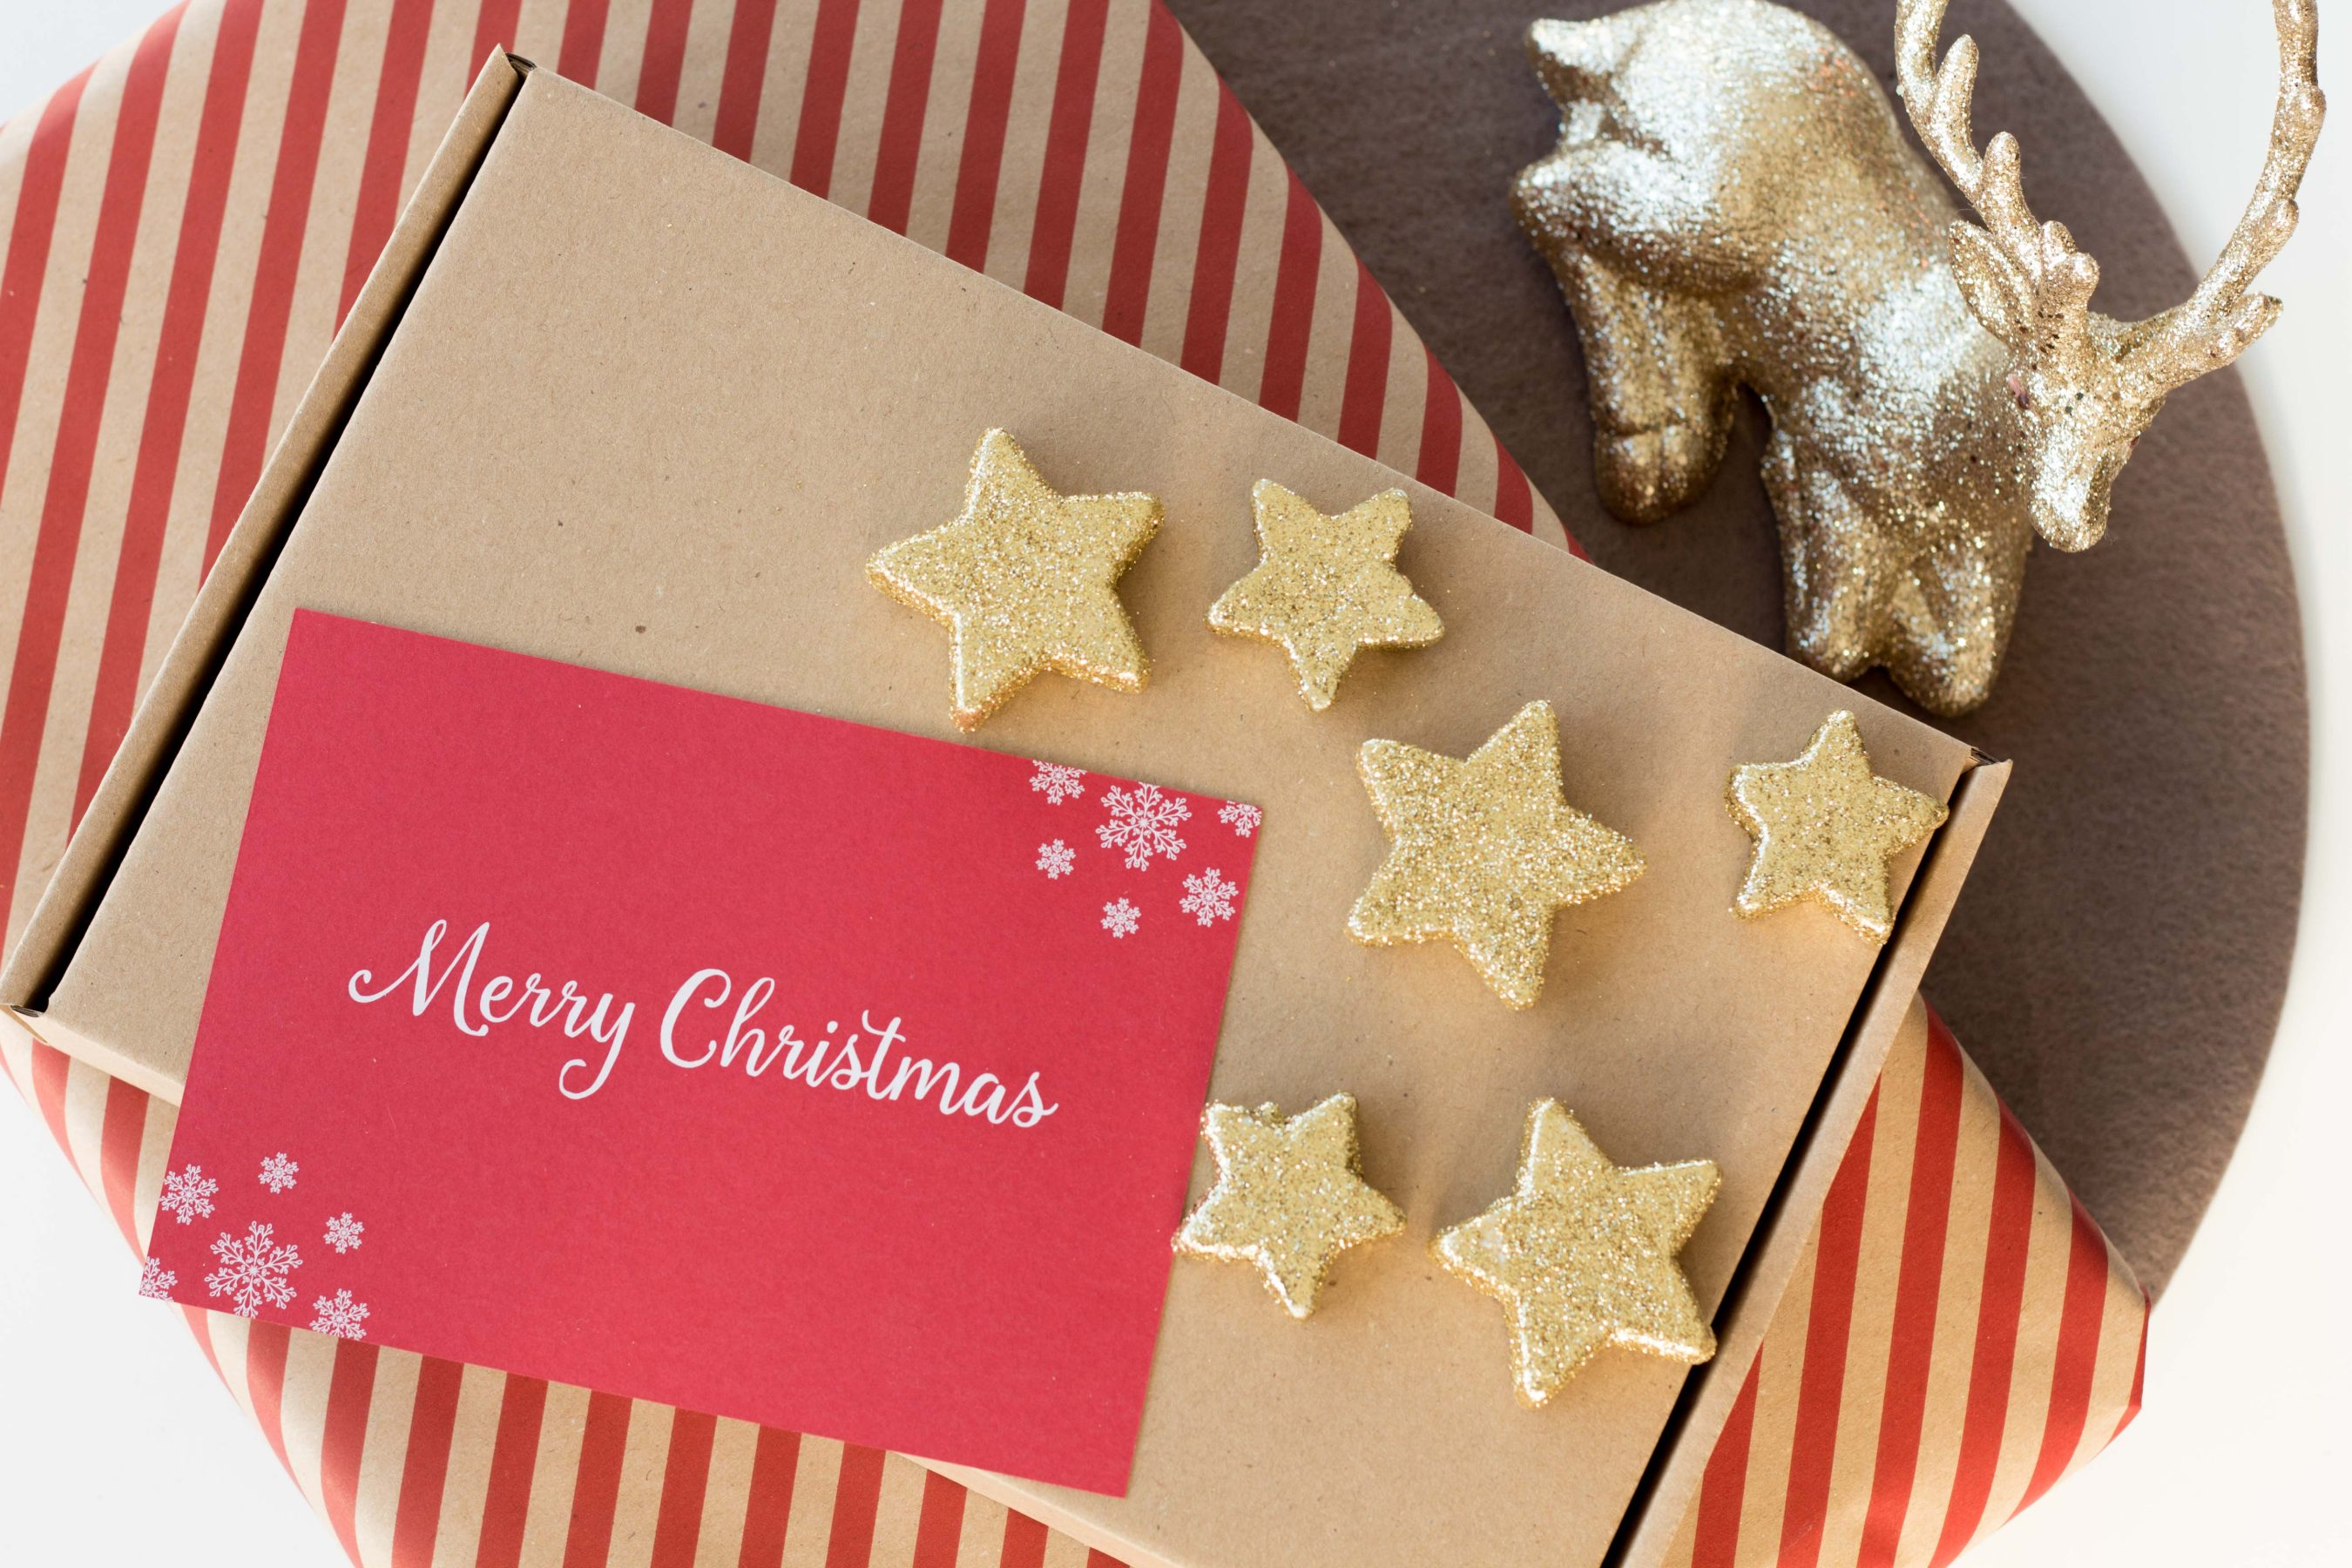 merrychristmas-weihnachten-karte